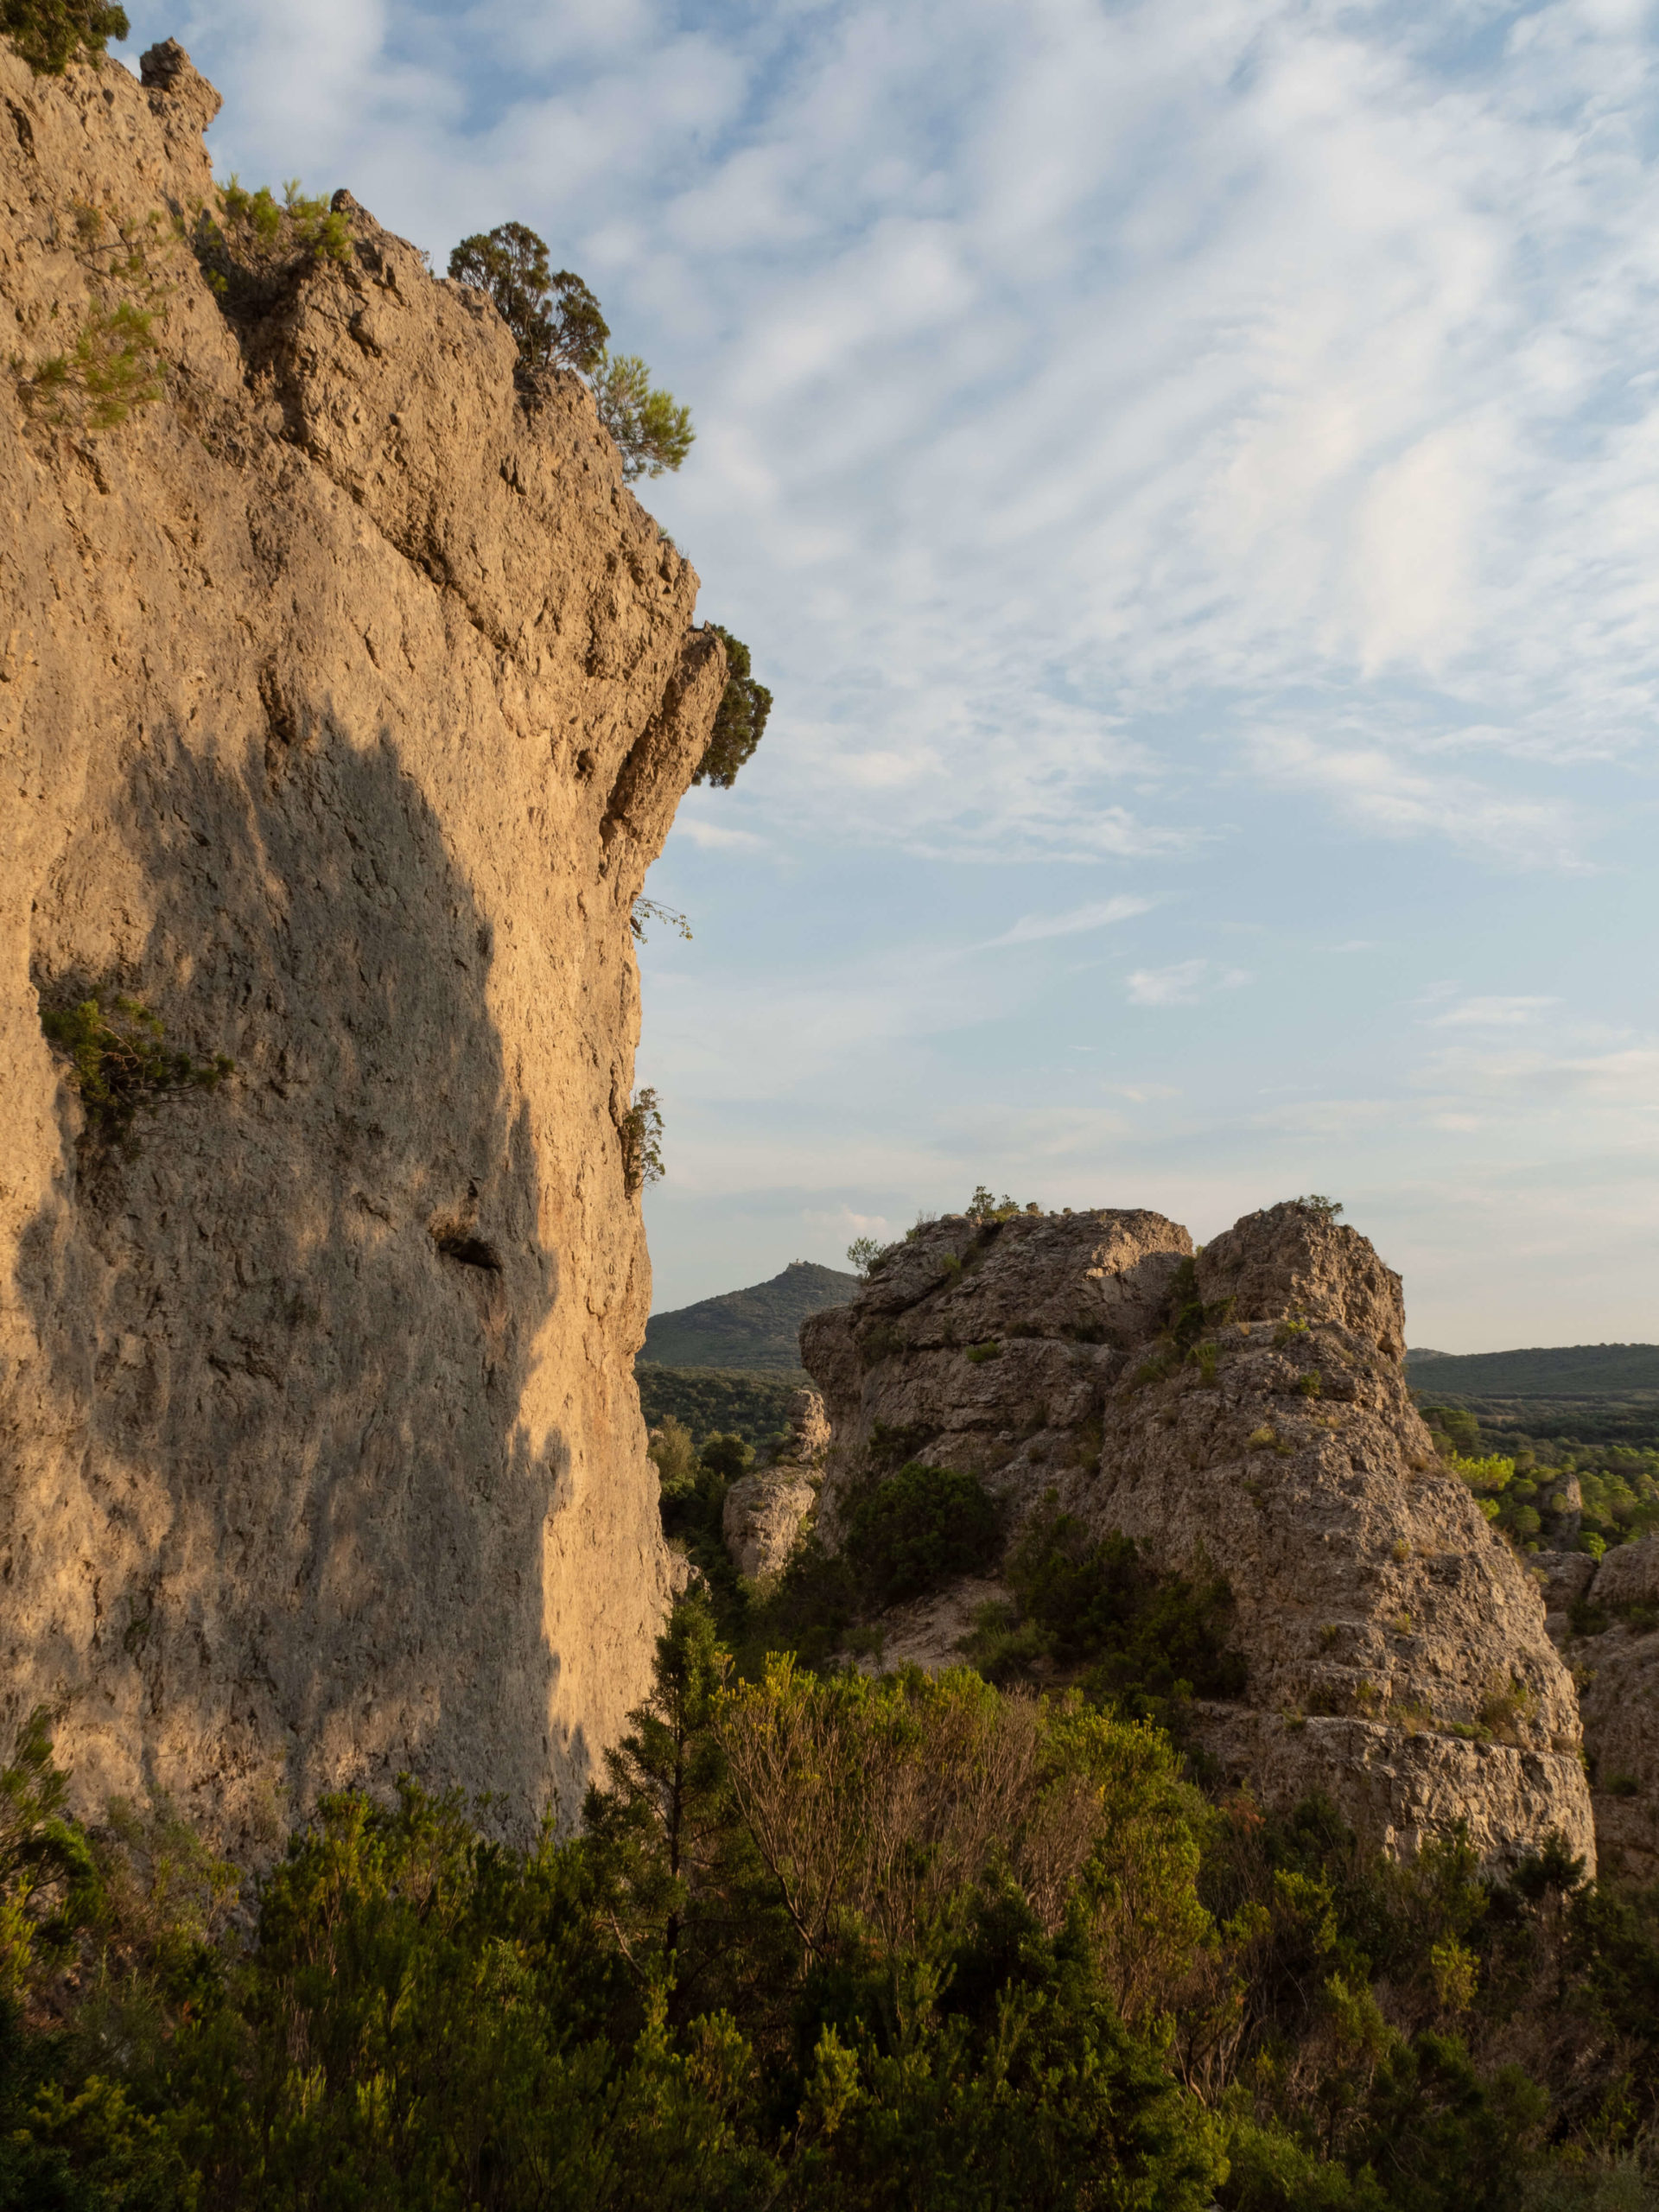 randonnée cirque de mourèze dolomites languedoc roussillon meeriwild